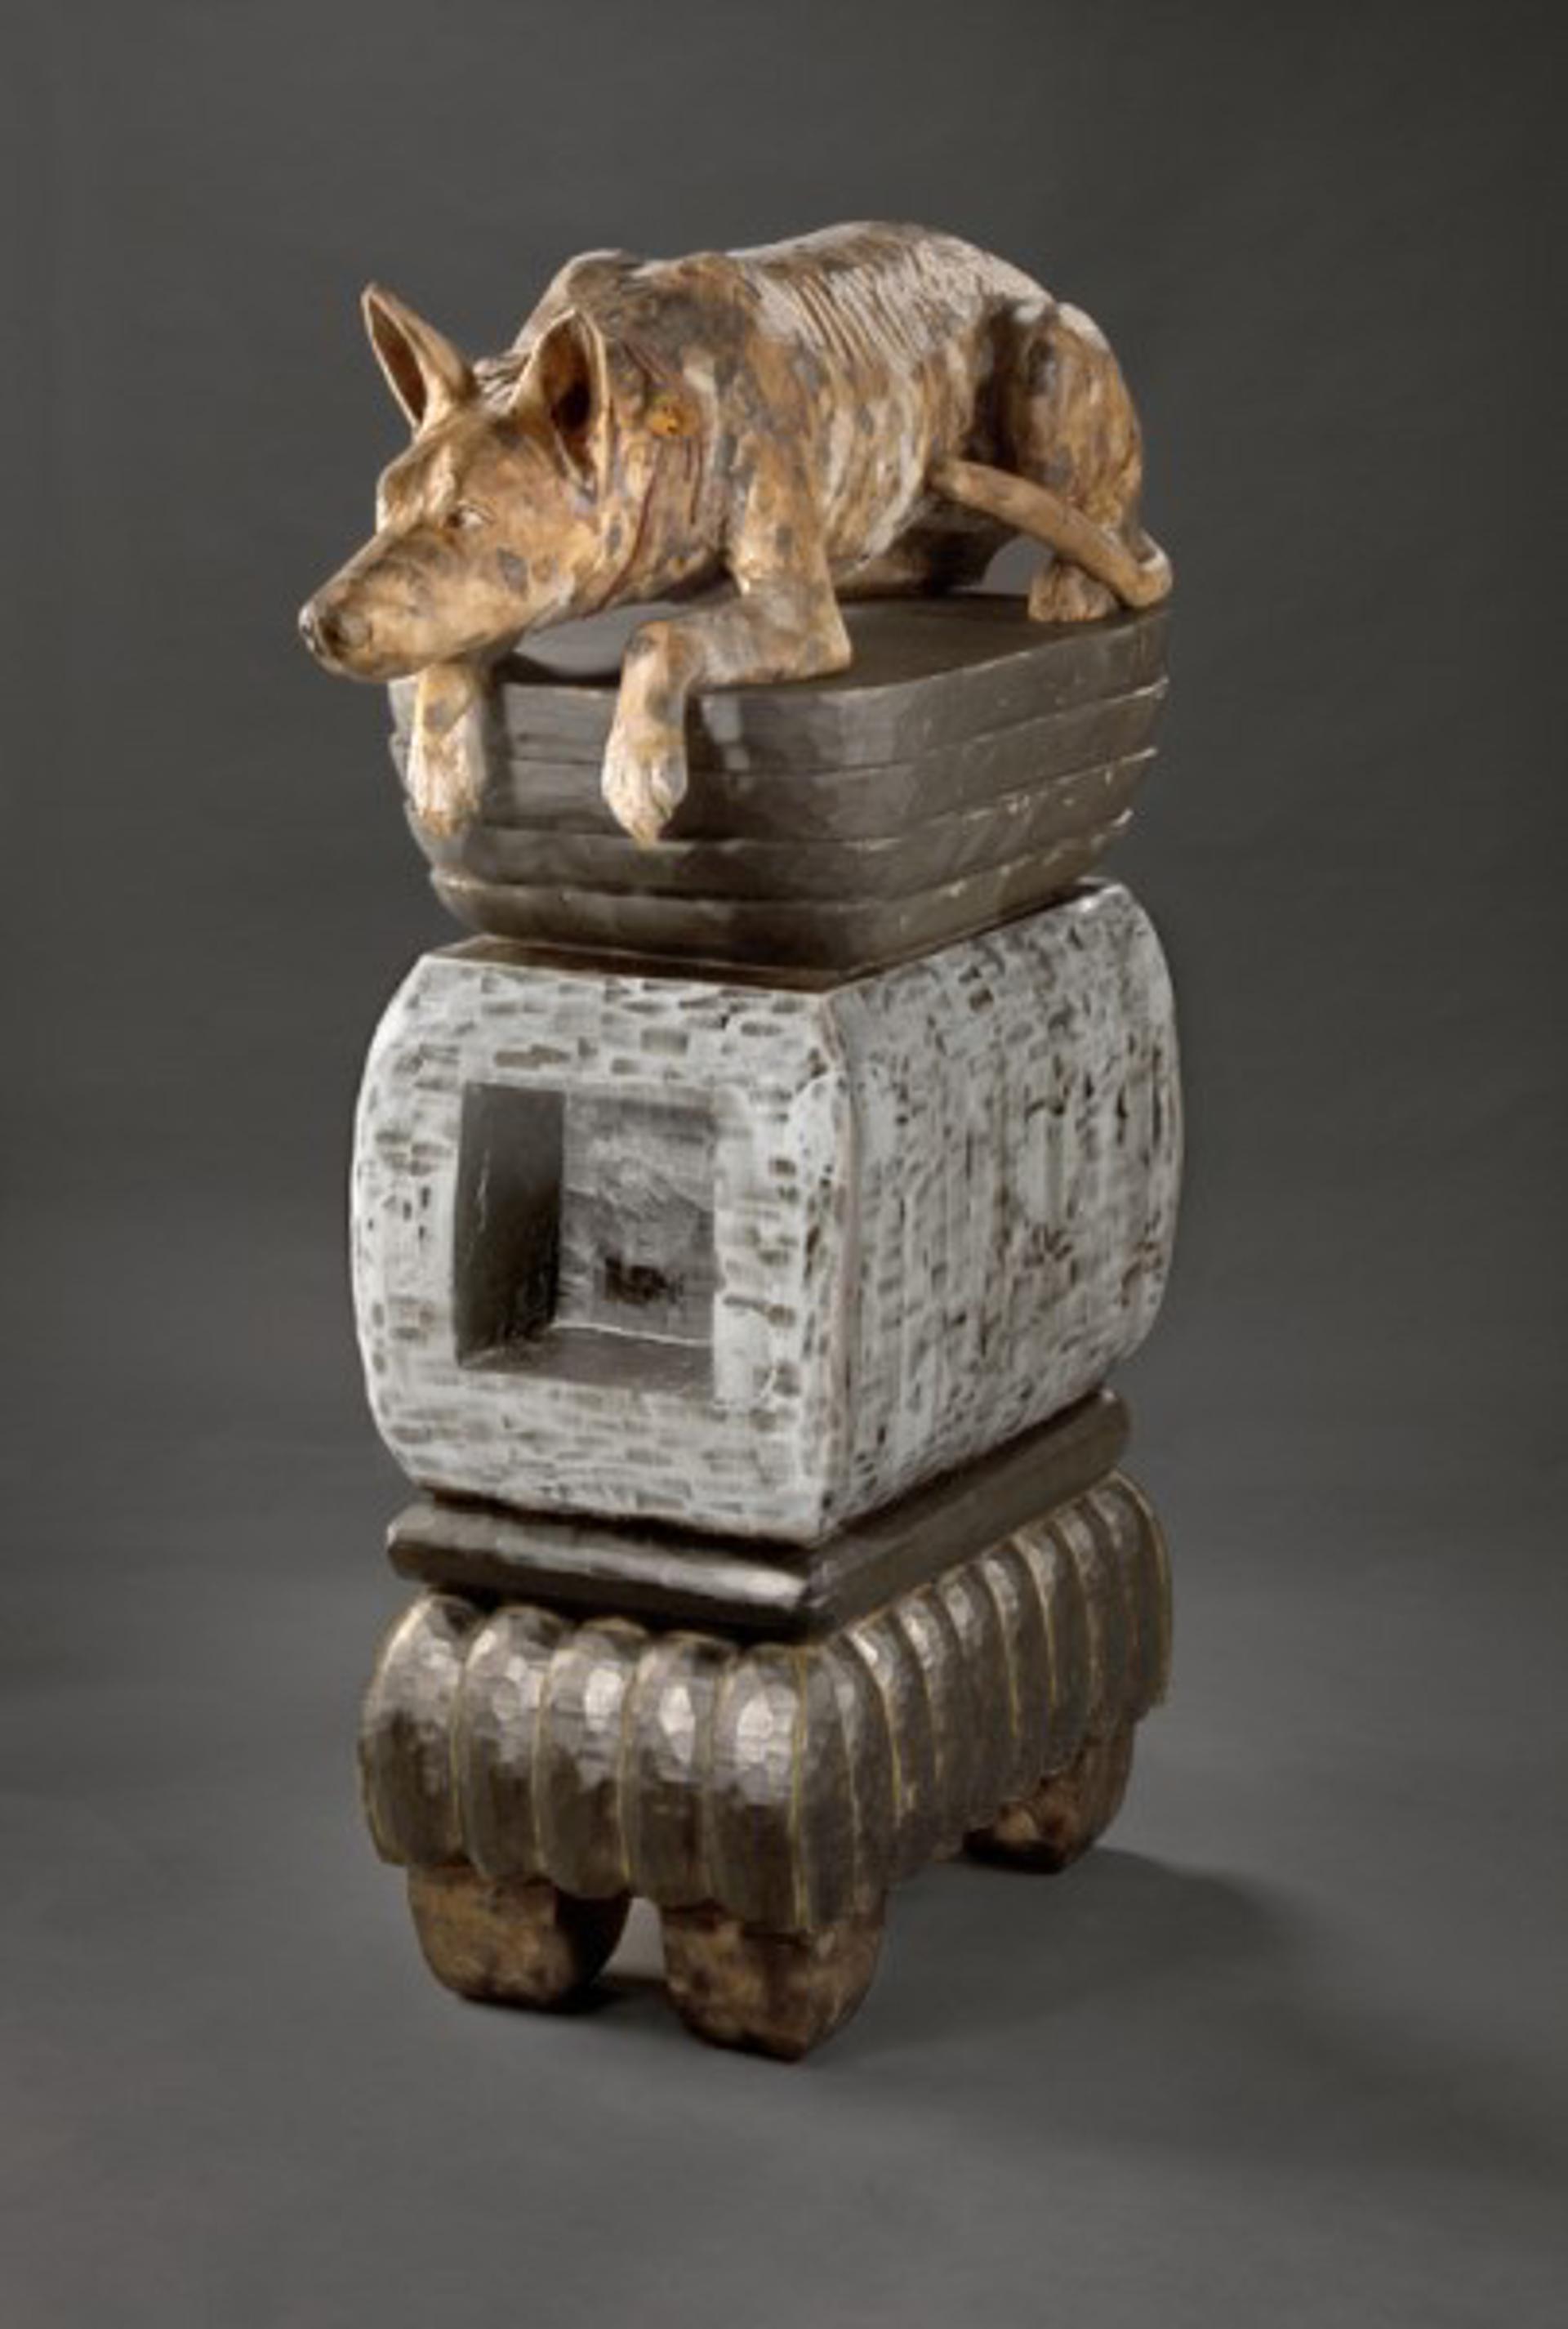 Crouching Dog by Elaine Hanowell